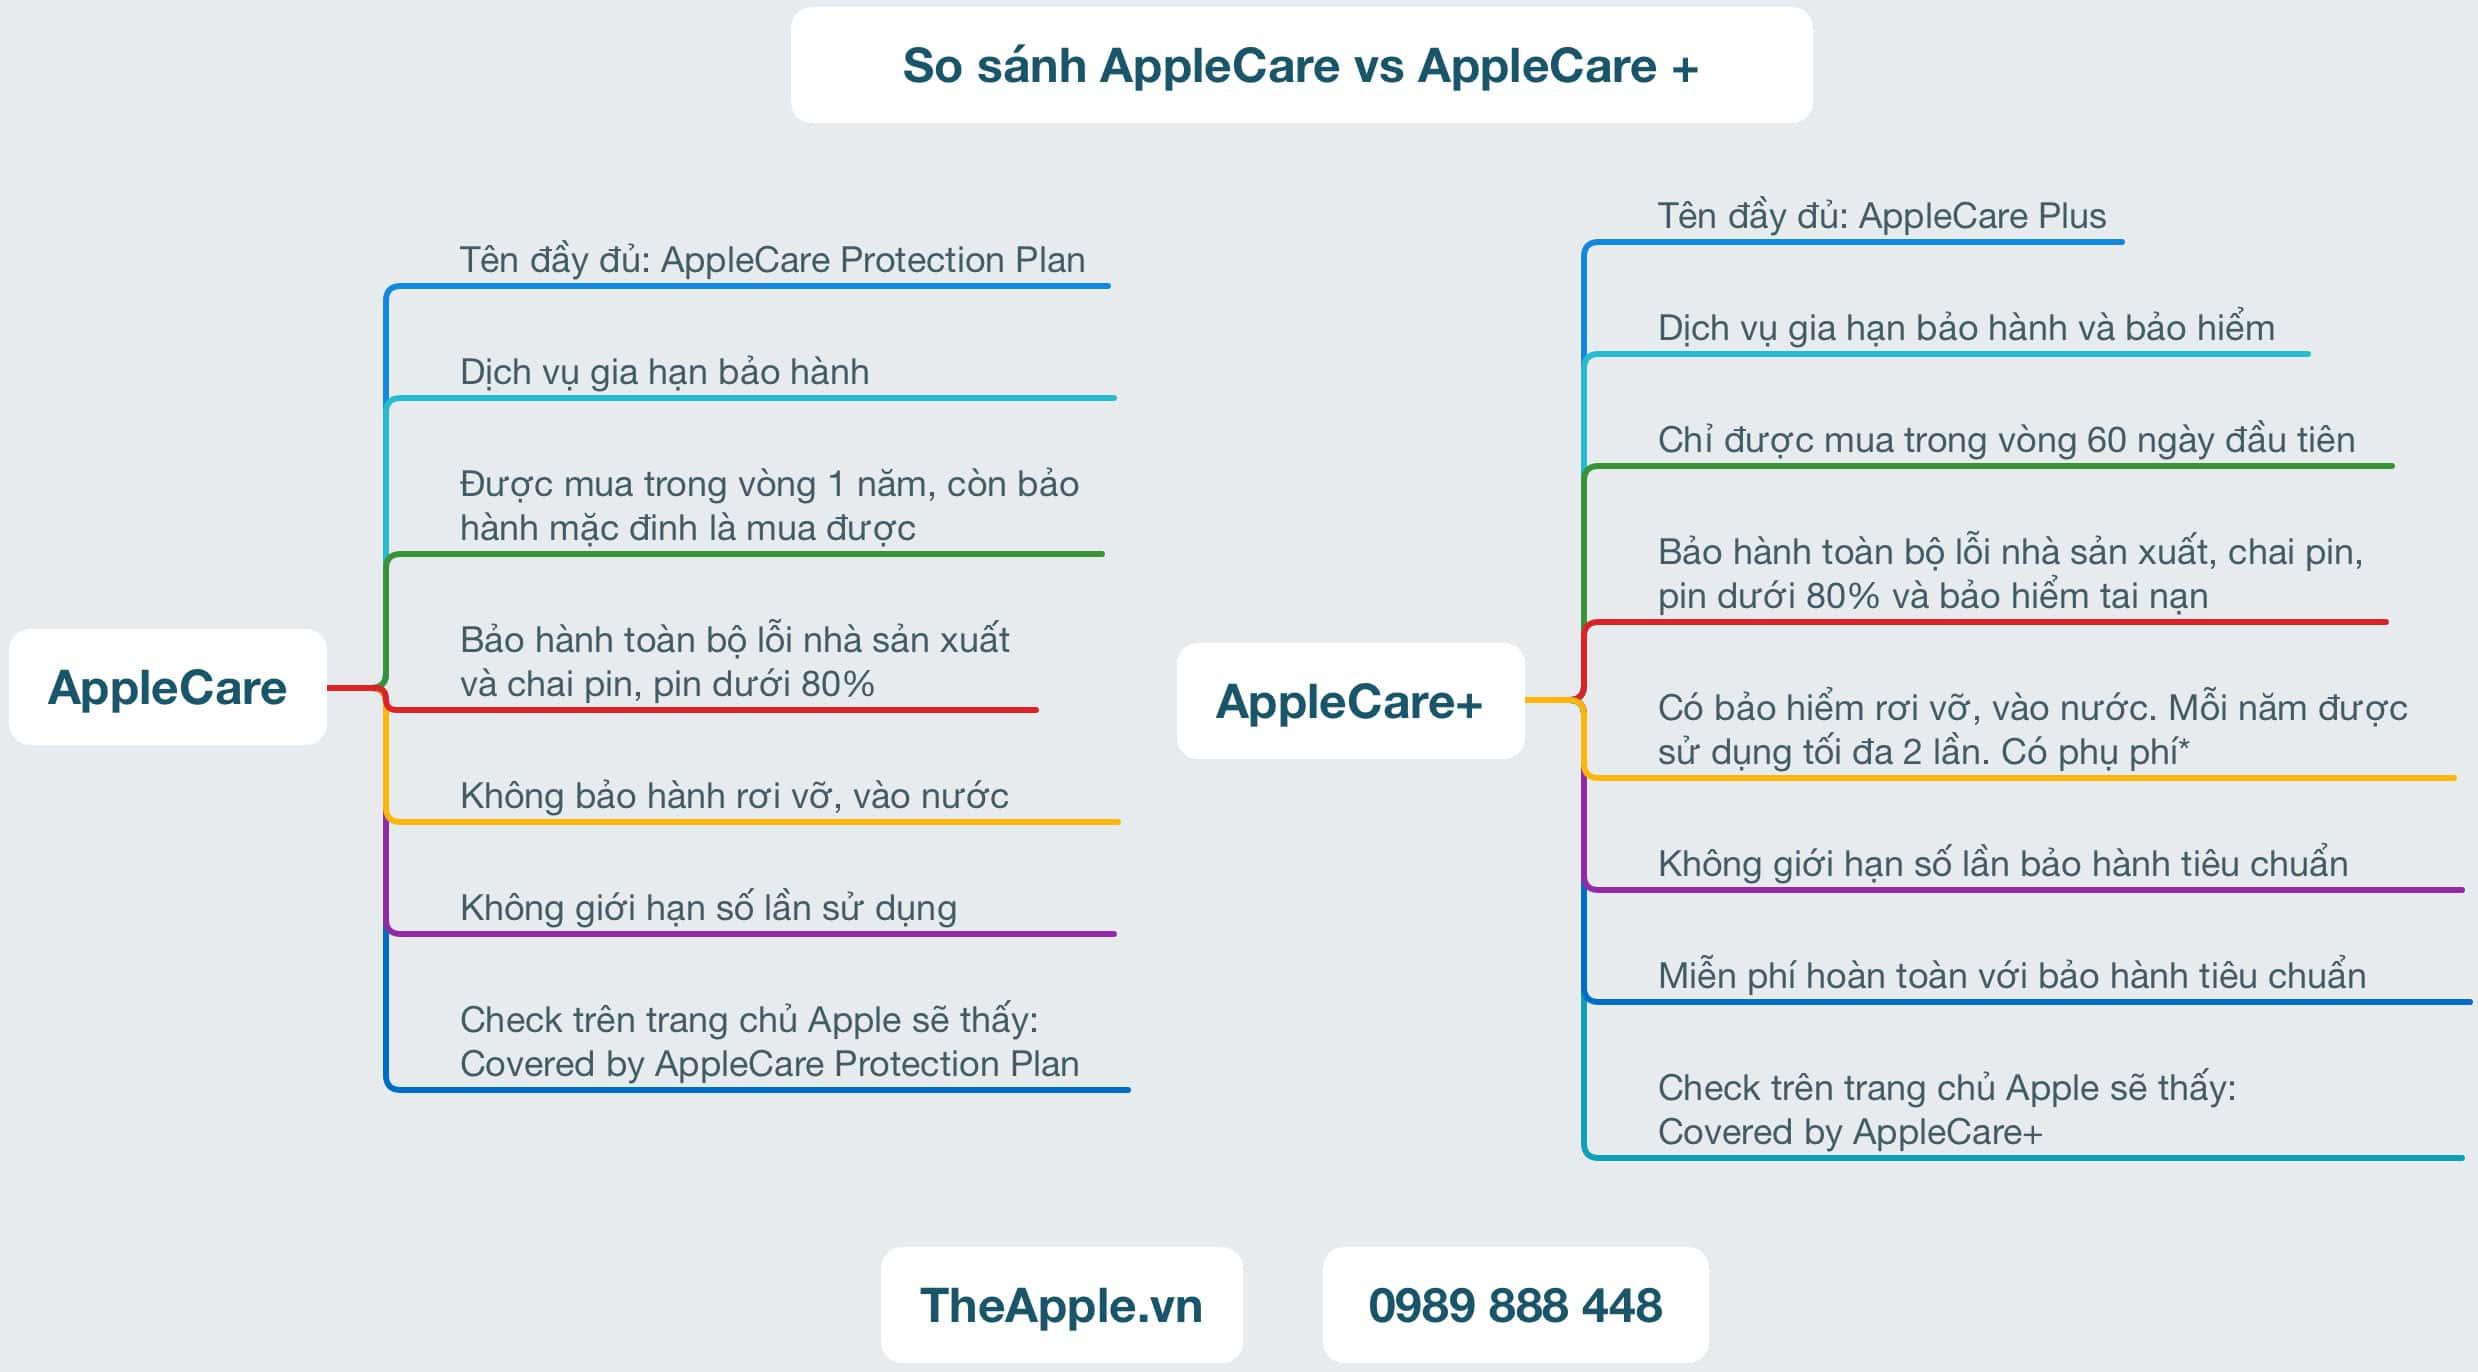 AppleCare vs AppleCare+